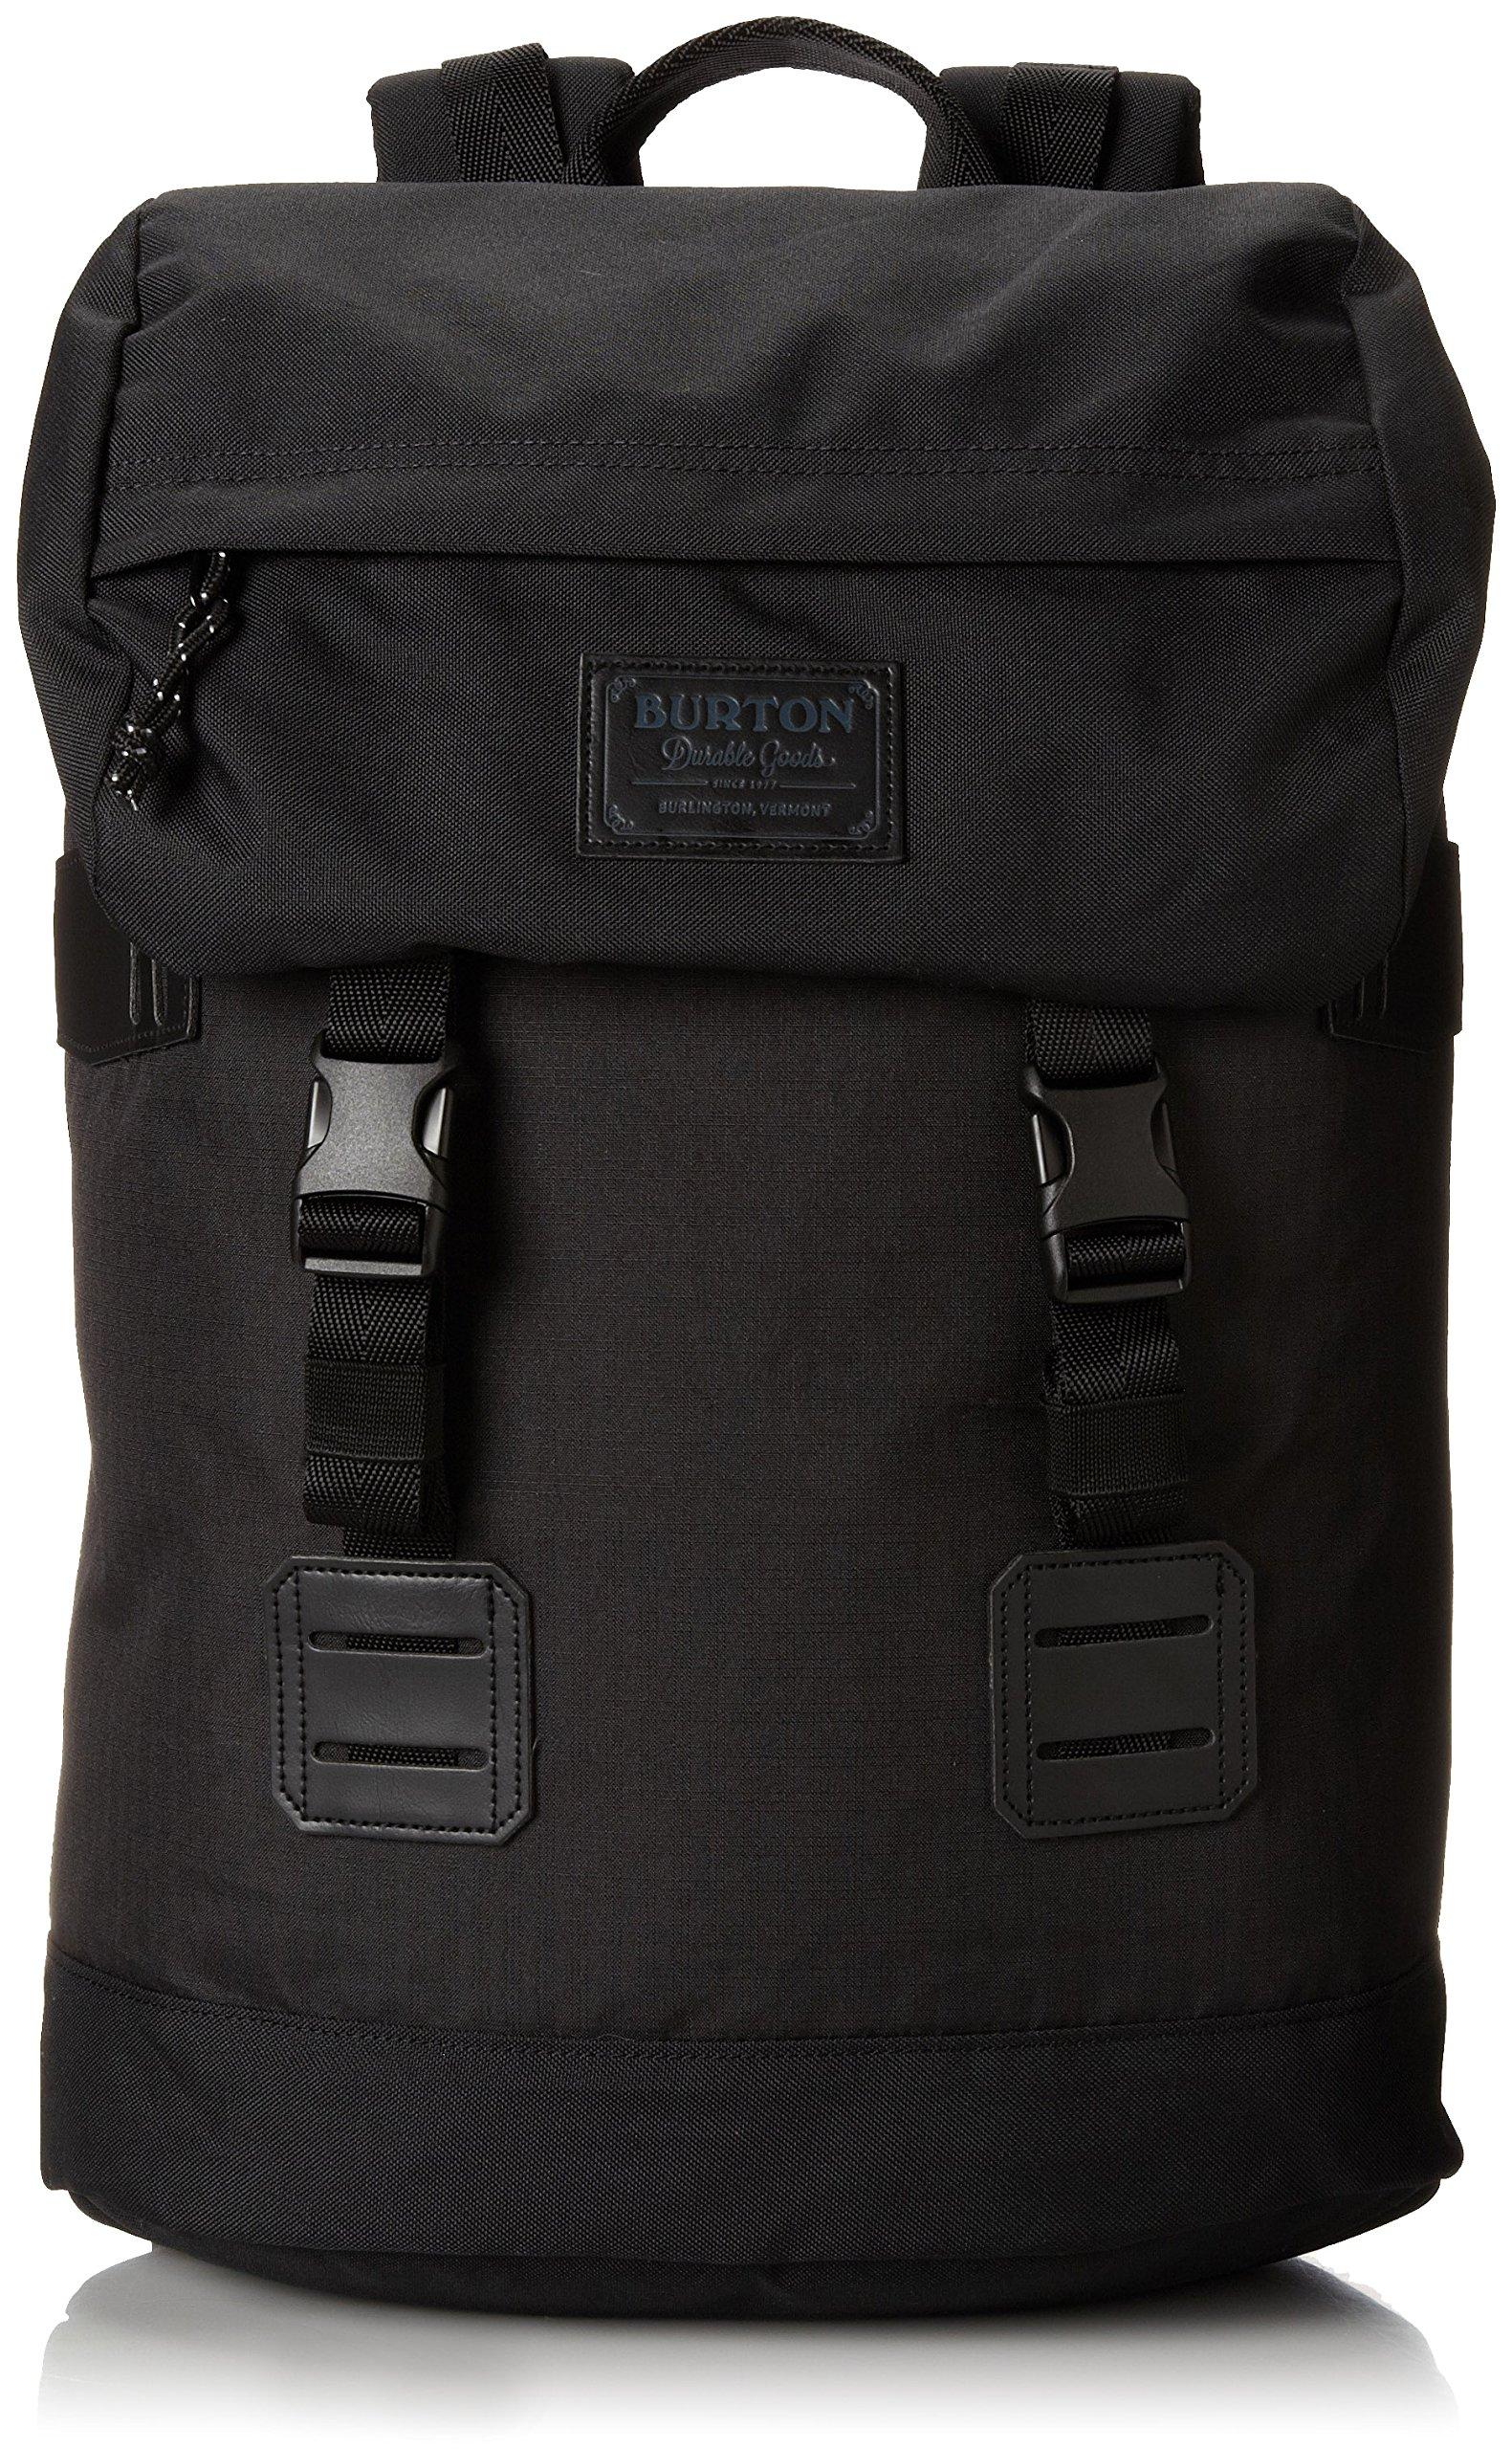 burton tinder pack true black triple ripstop ebay. Black Bedroom Furniture Sets. Home Design Ideas